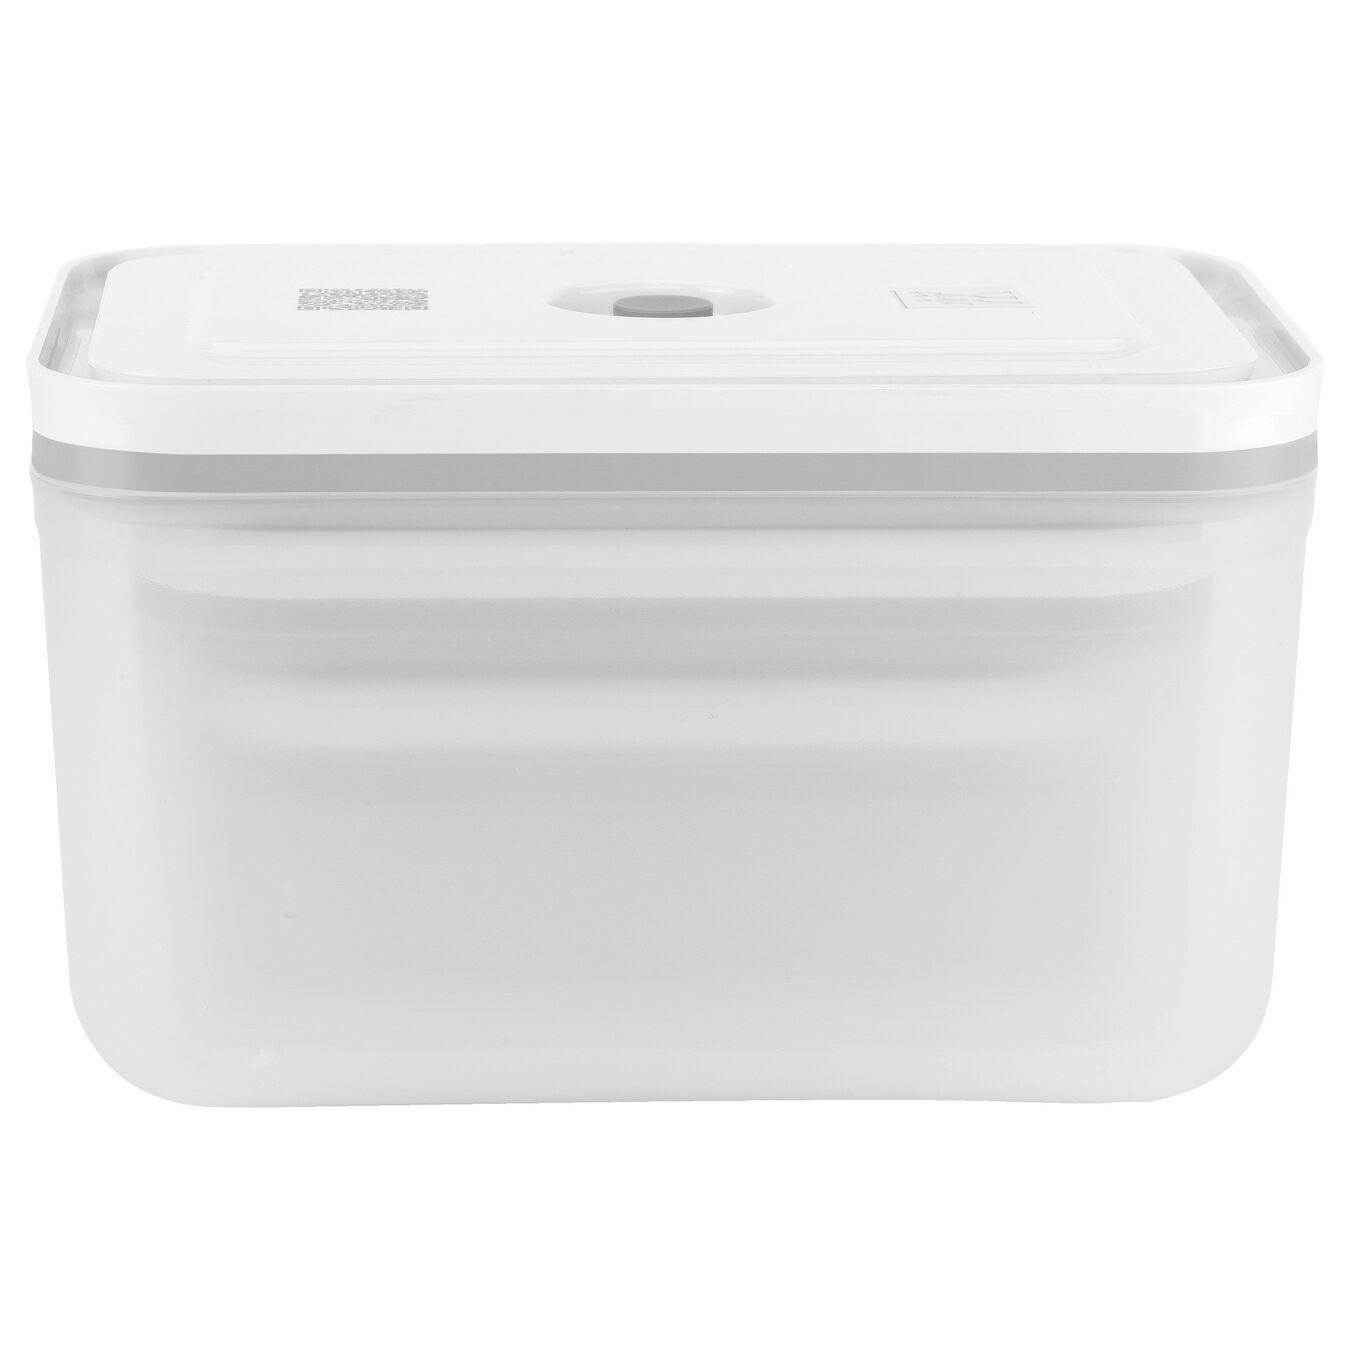 Vacuum box set, 3 Piece | white | Premium,,large 2